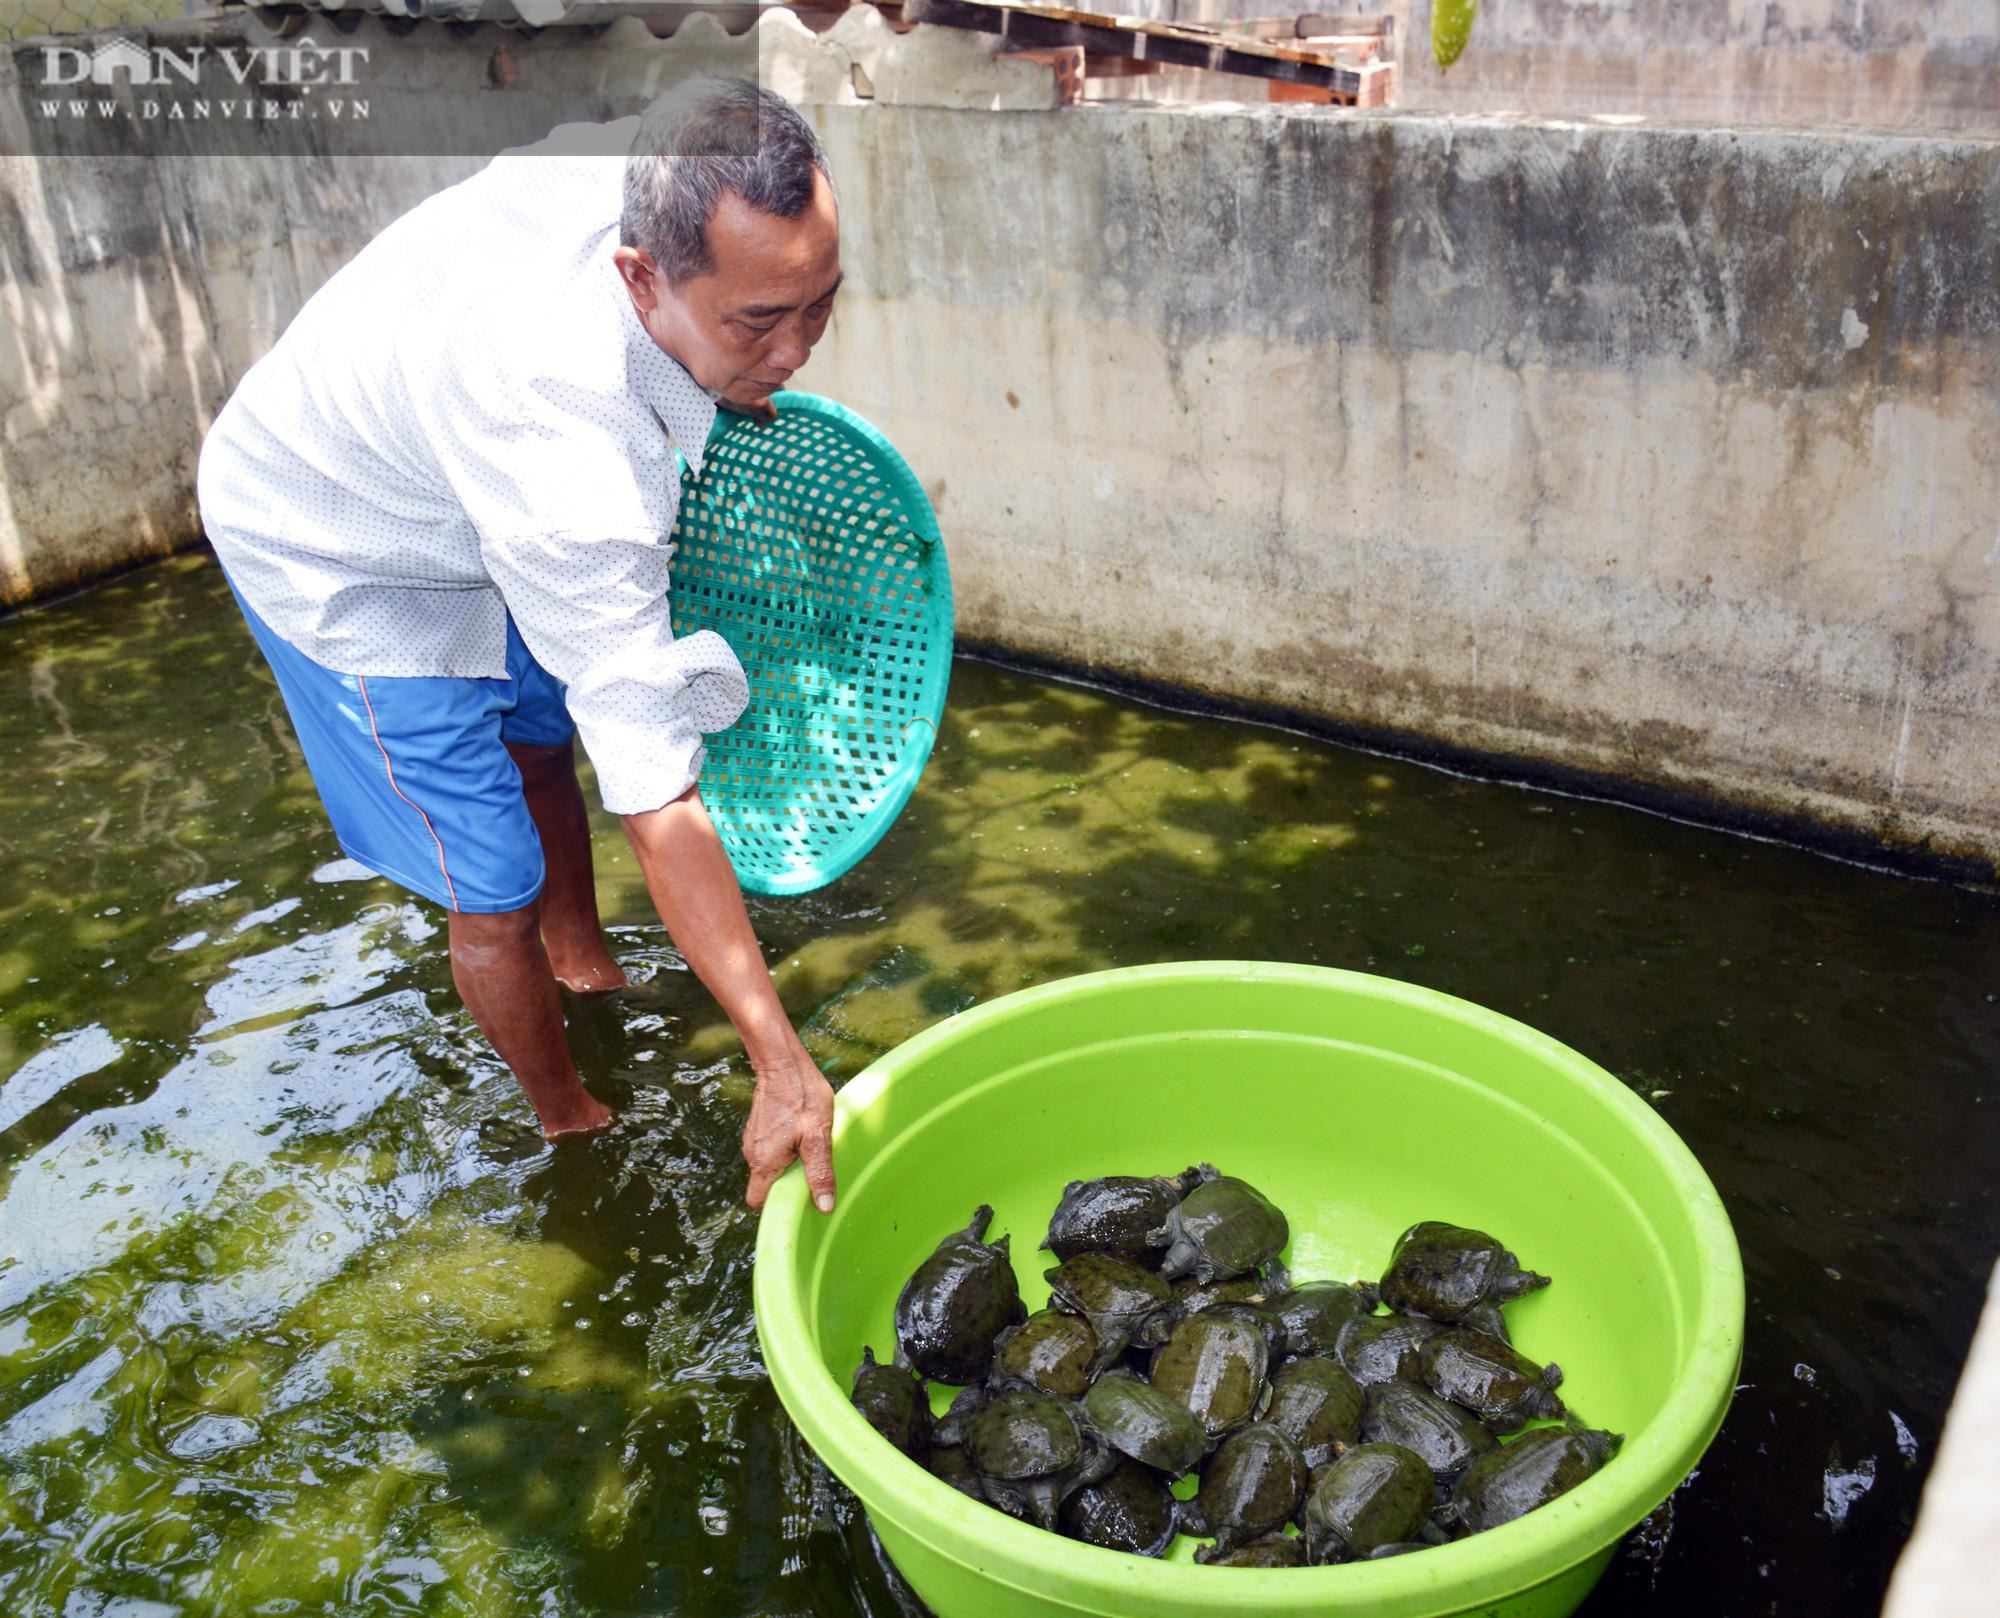 Cà Mau: Ấp Khmer chỉ có 2 hộ nghèo, nhiều mô hình làm ăn cho thu nhập cao - Ảnh 6.